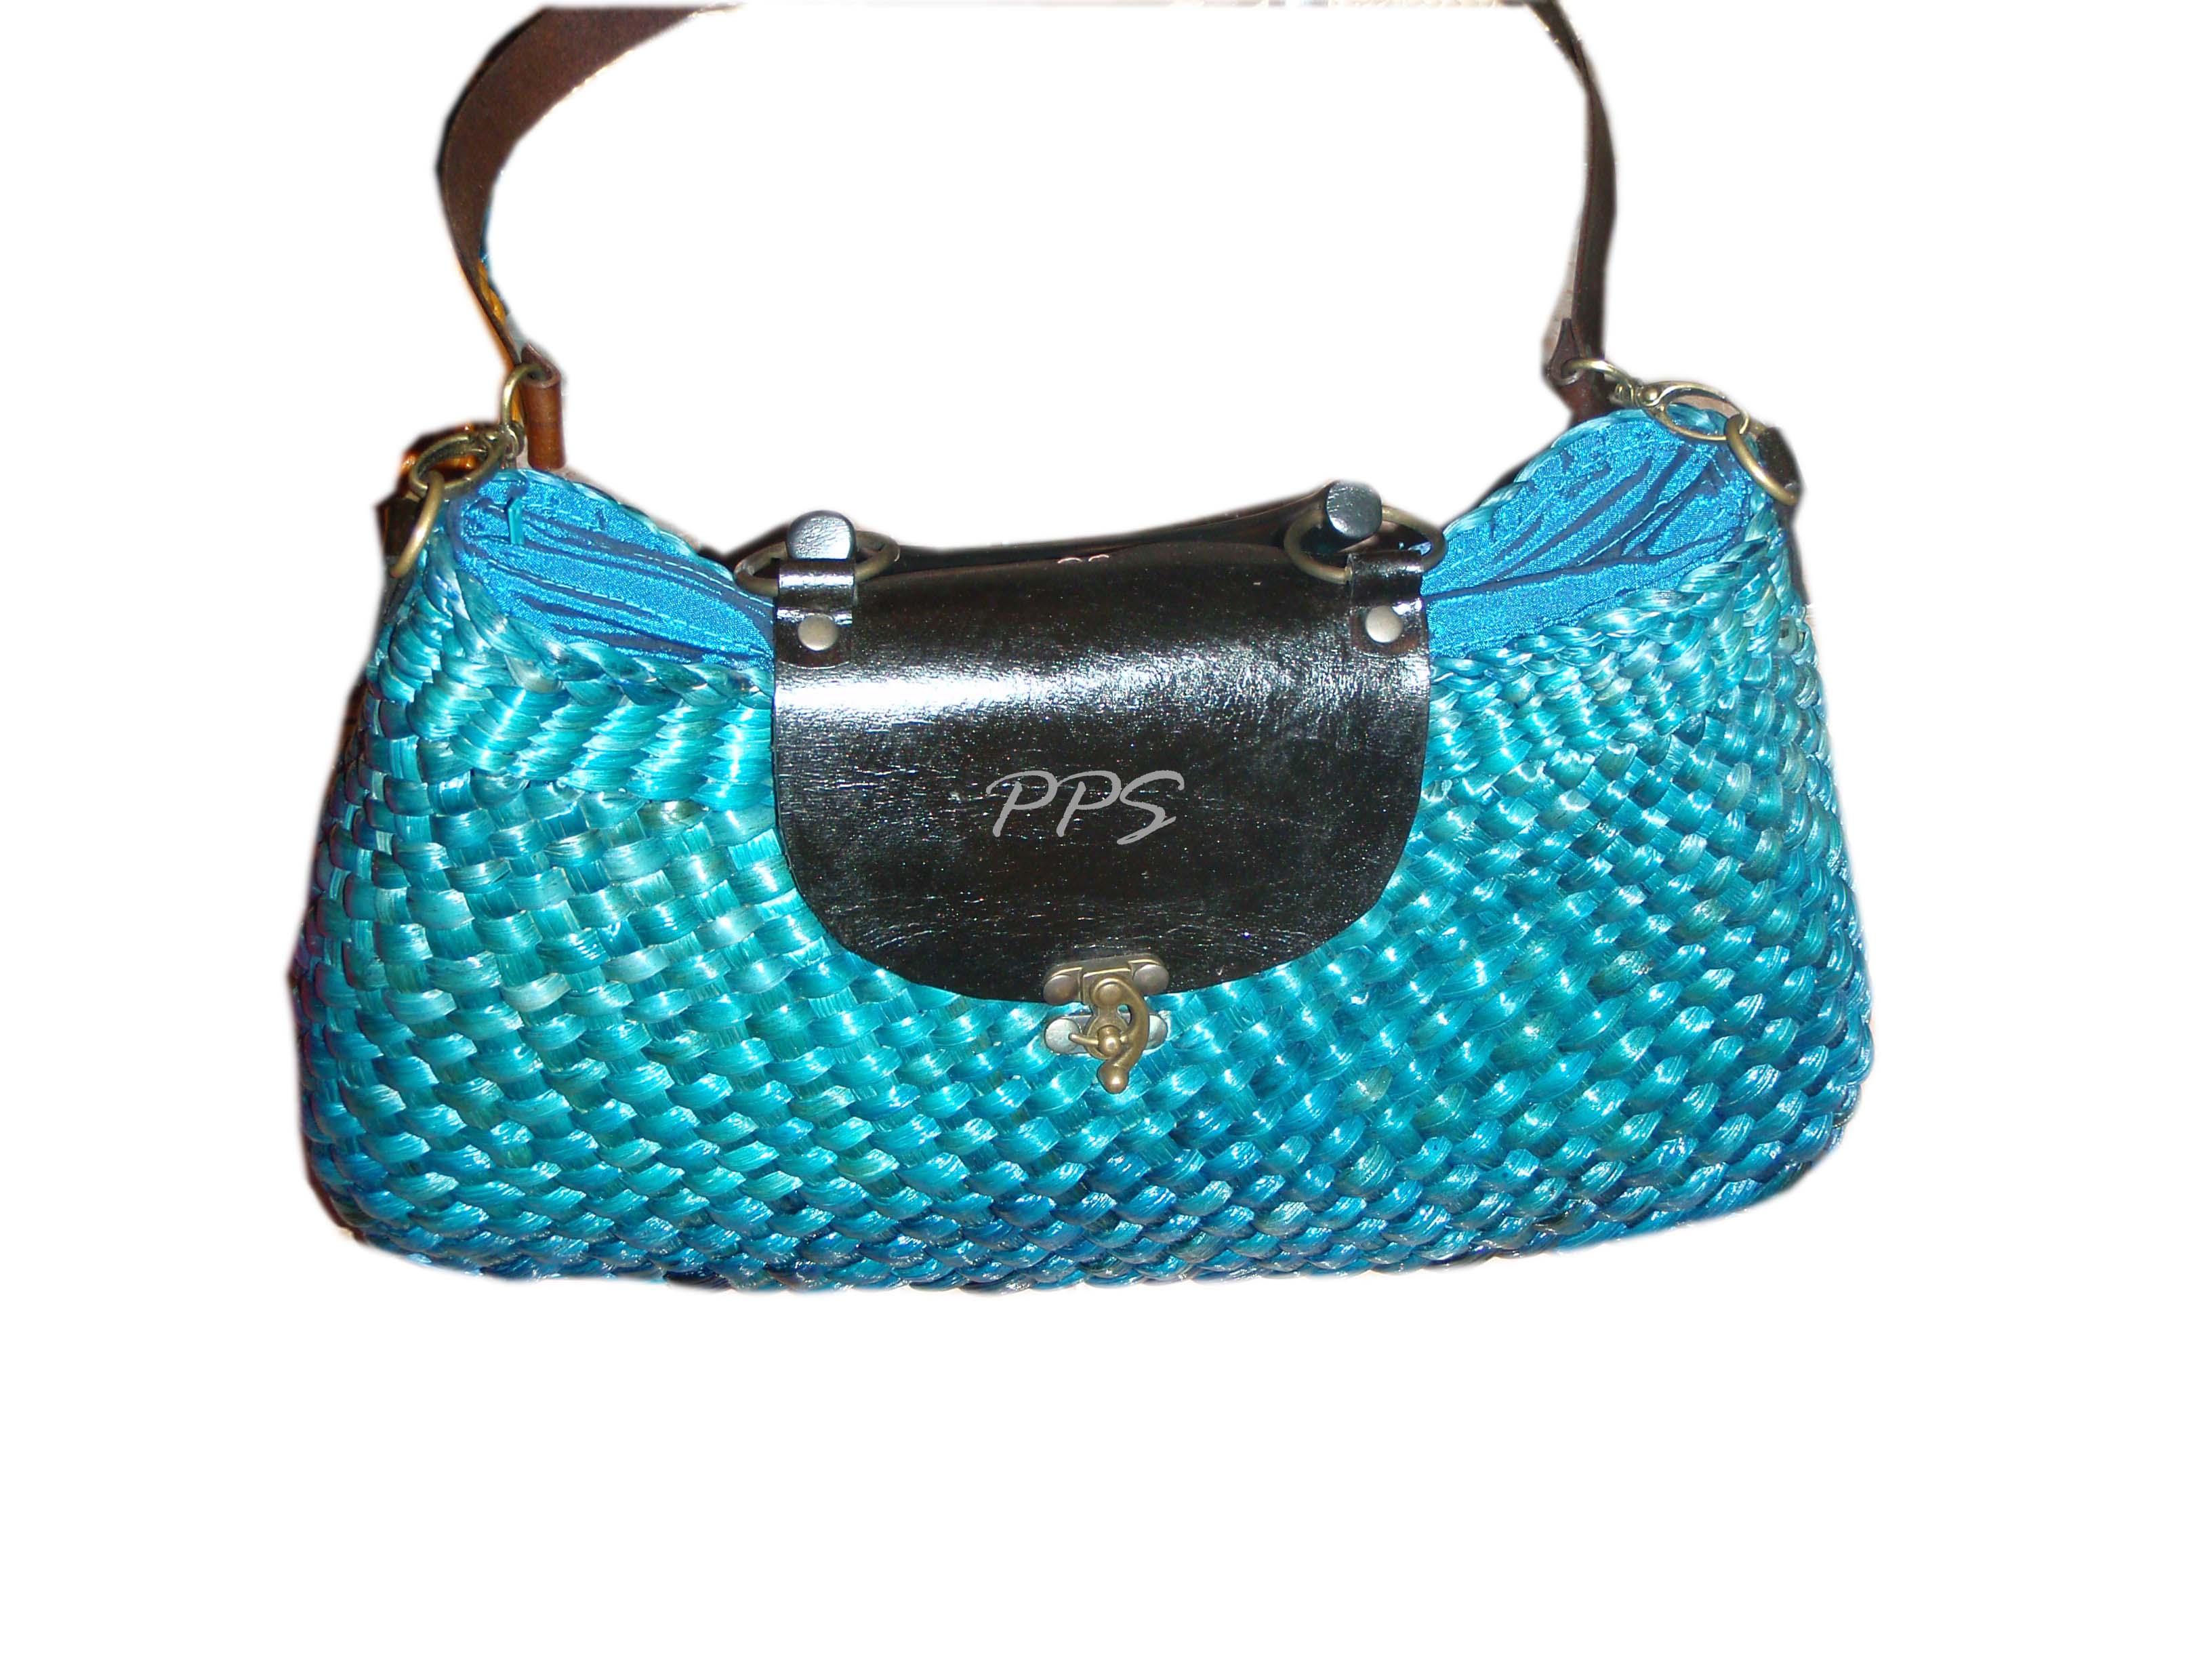 Hyacinth Bag-PPS Bag brand 27